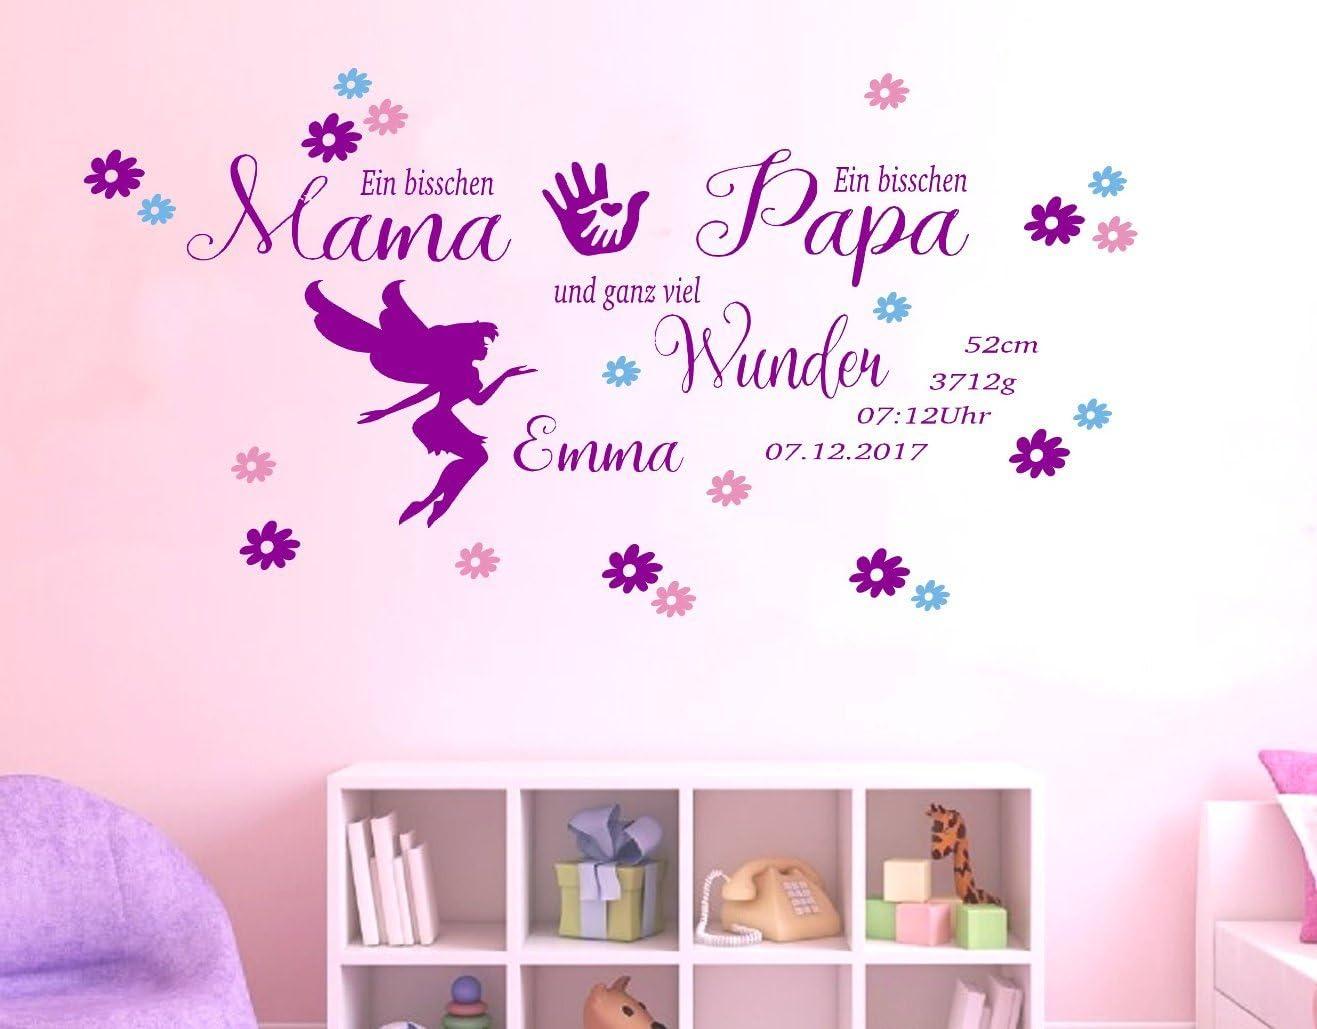 Kindermobel Wohnen Wandtattoo Kinderzimmer Aa139 Ein Bisschen Mama Personalisiertes Wandtattoo Baby Mobel Wohnen Medicina Tccsuporte Com Br